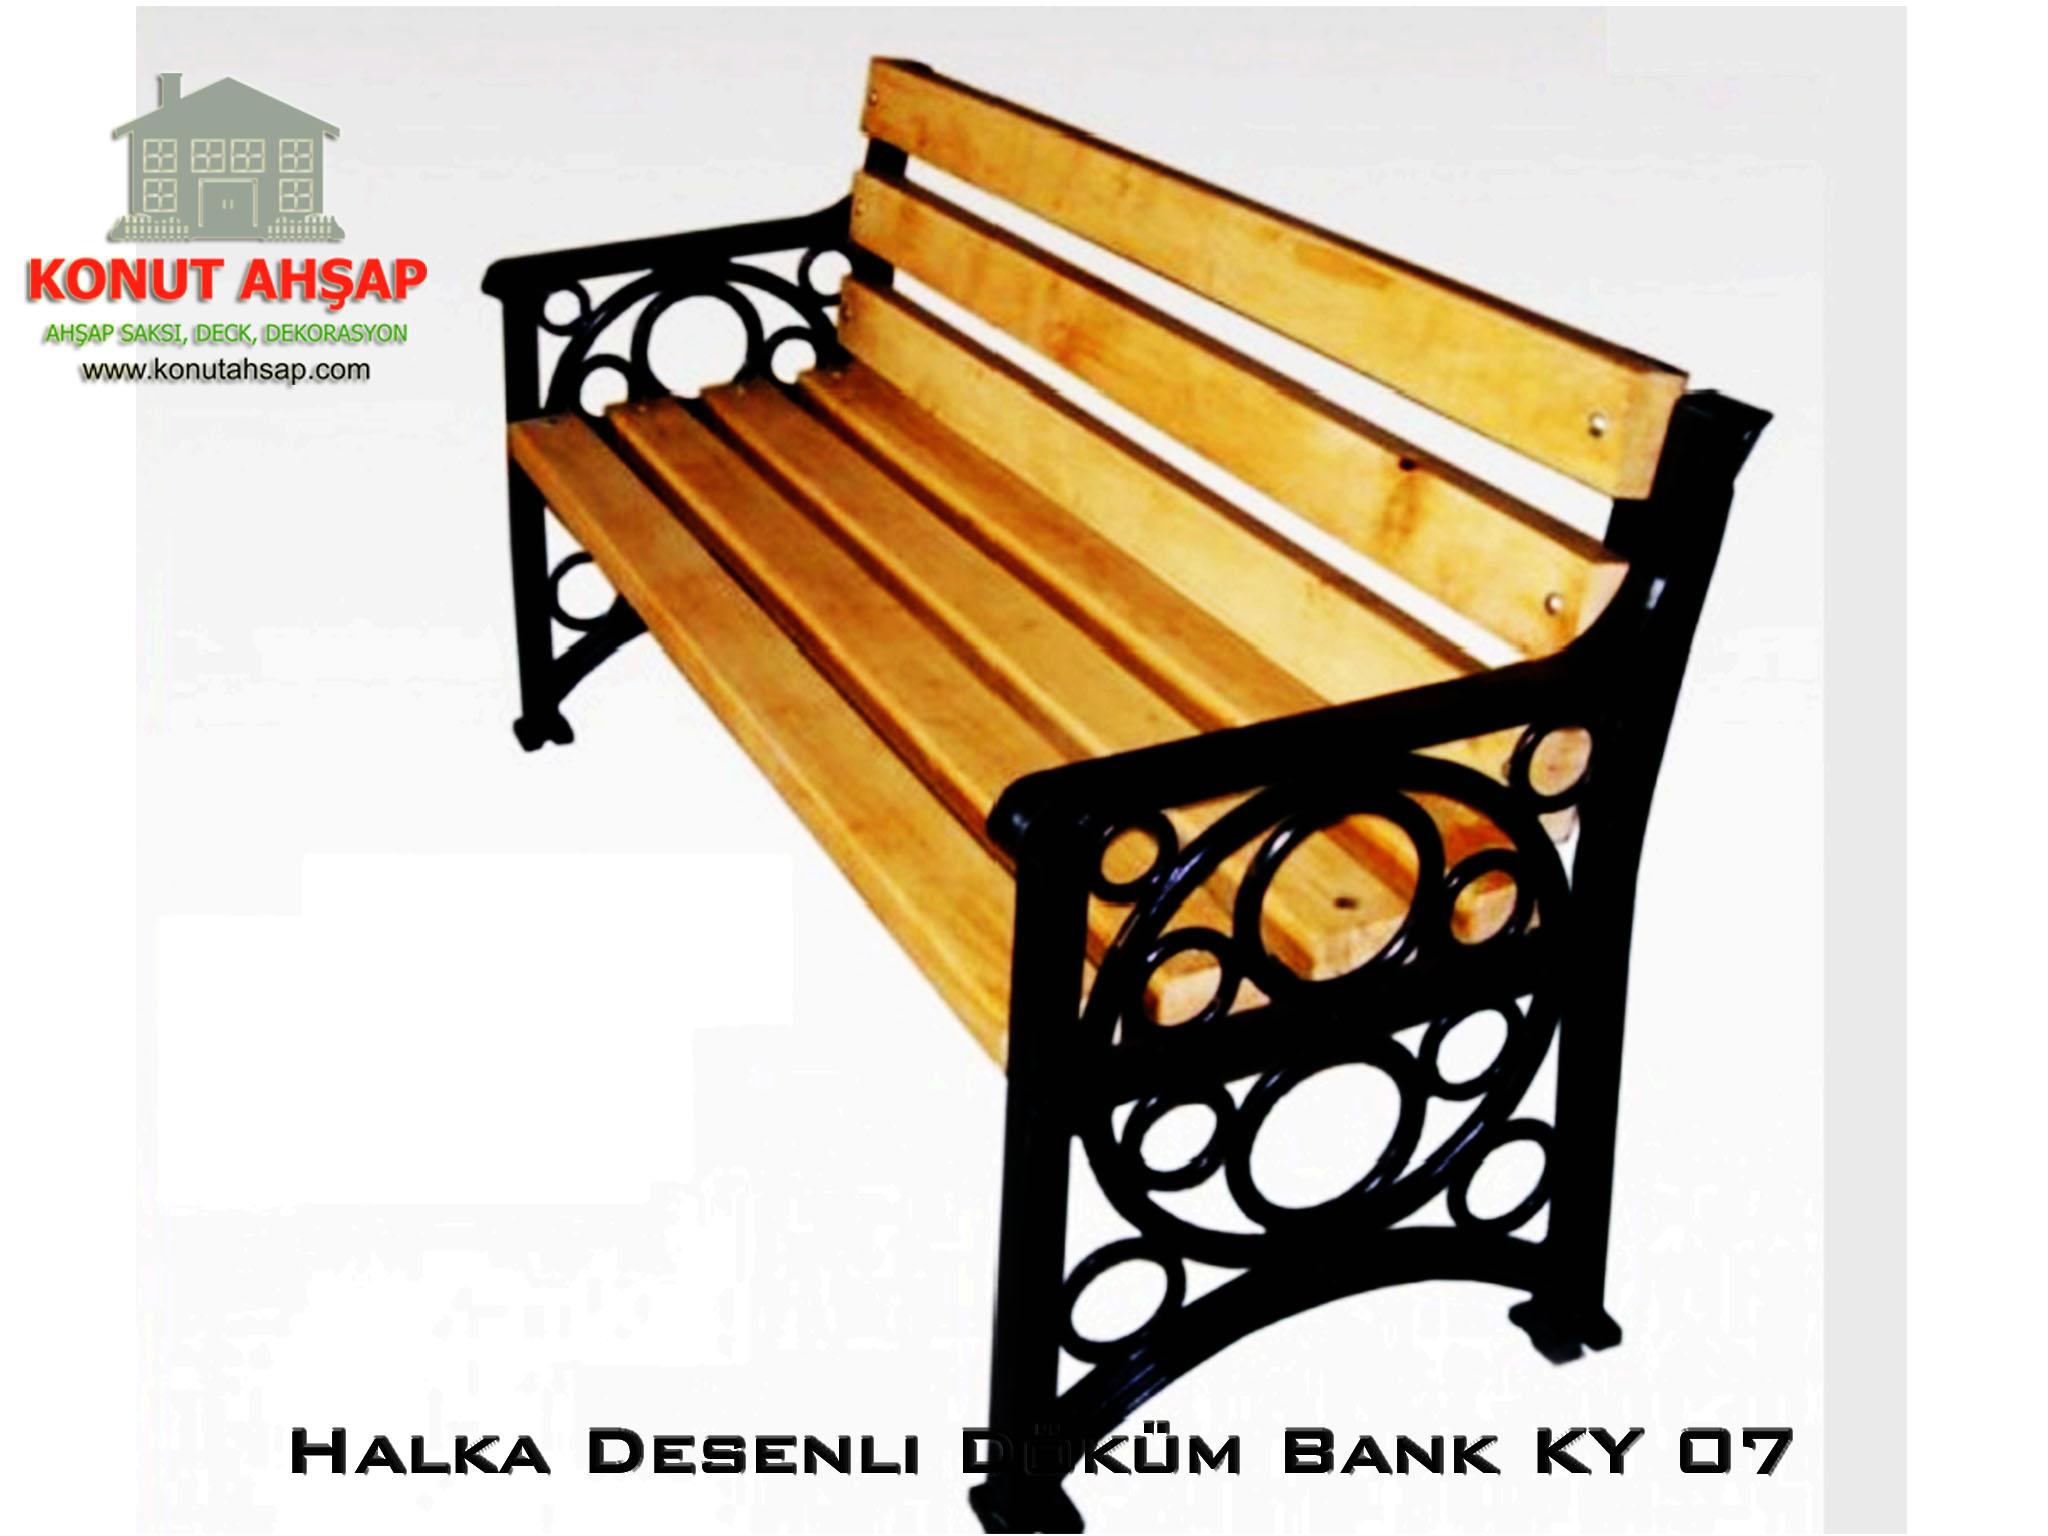 Halka Desenli Döküm Bank KY 07